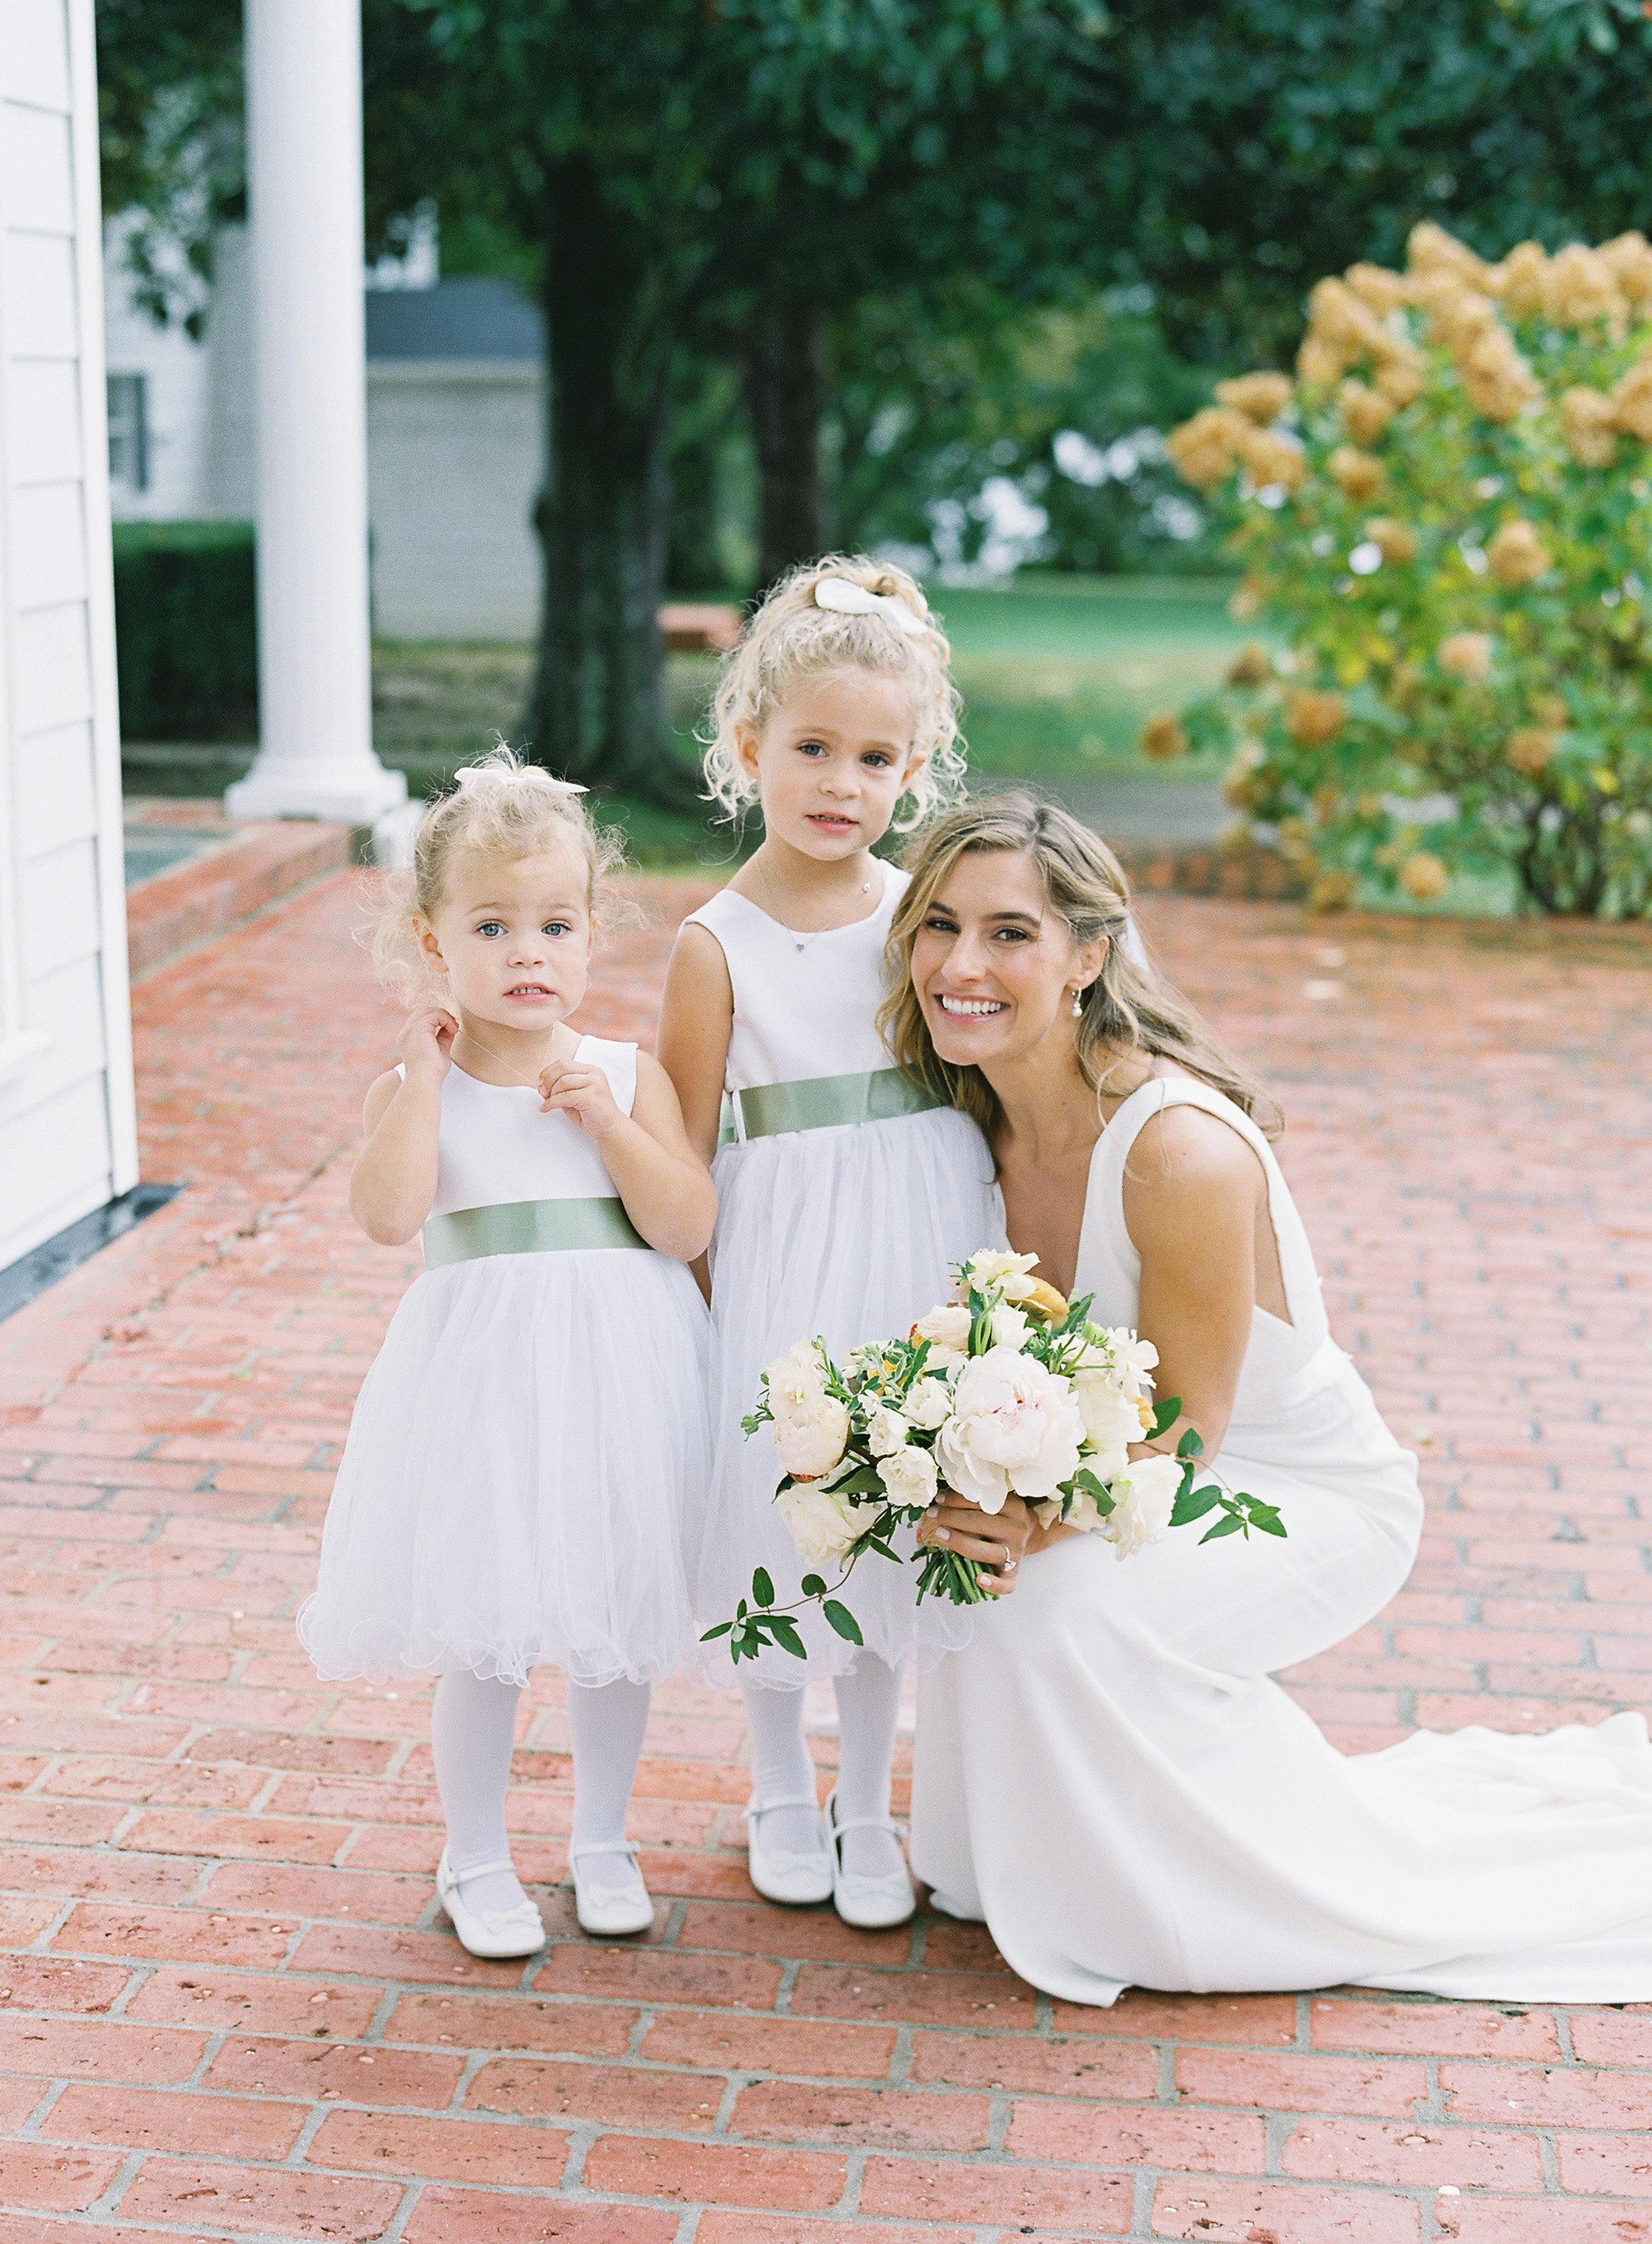 lauren alex wedding flower girls with bride